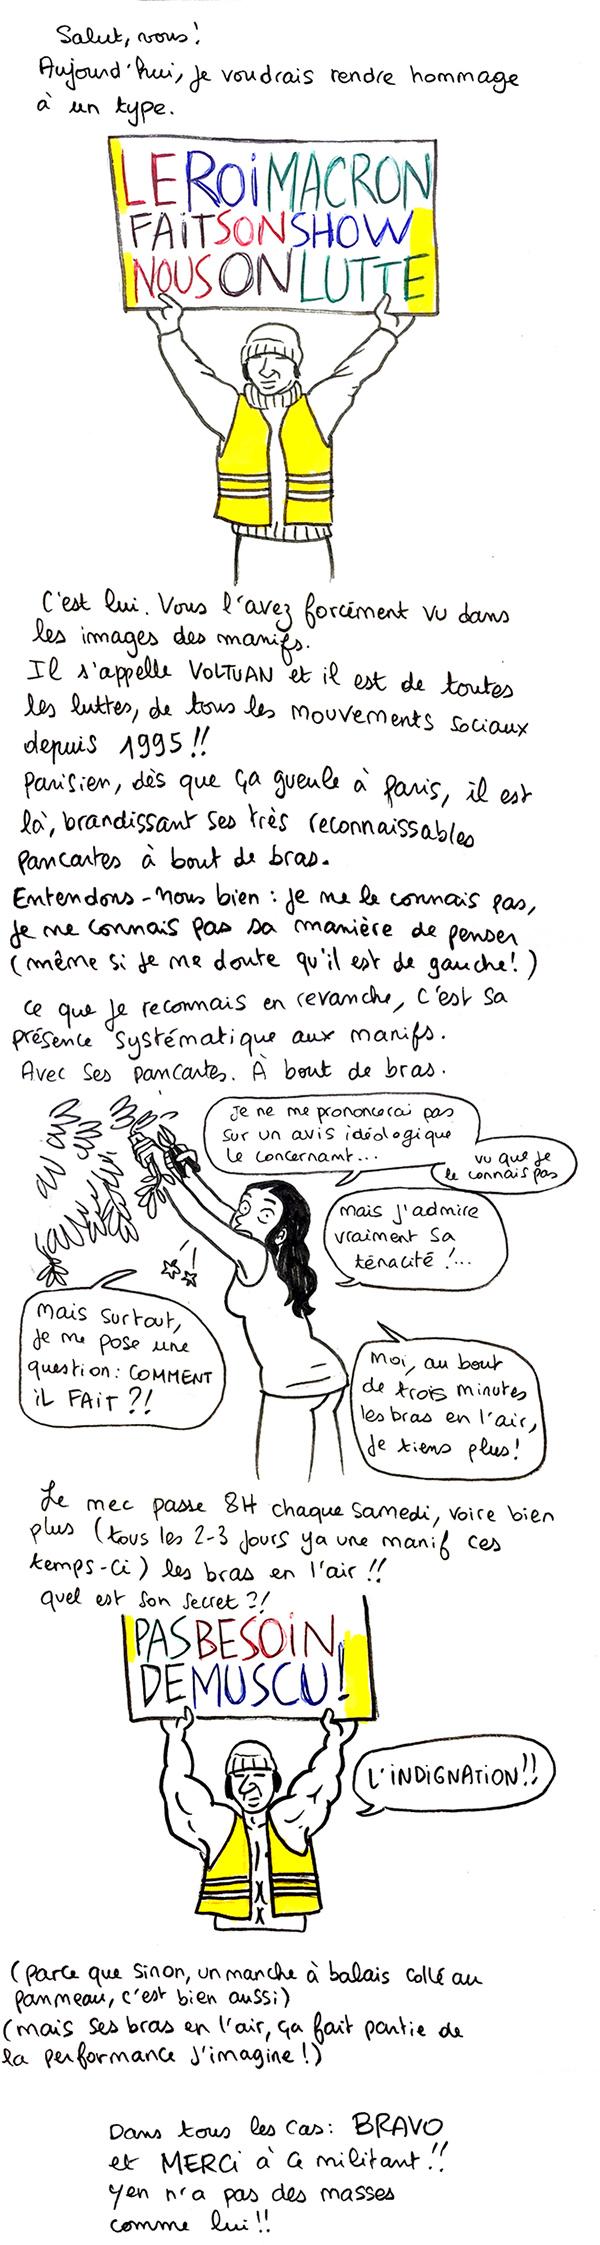 http://melaka.free.fr/blog/voltuan.jpg